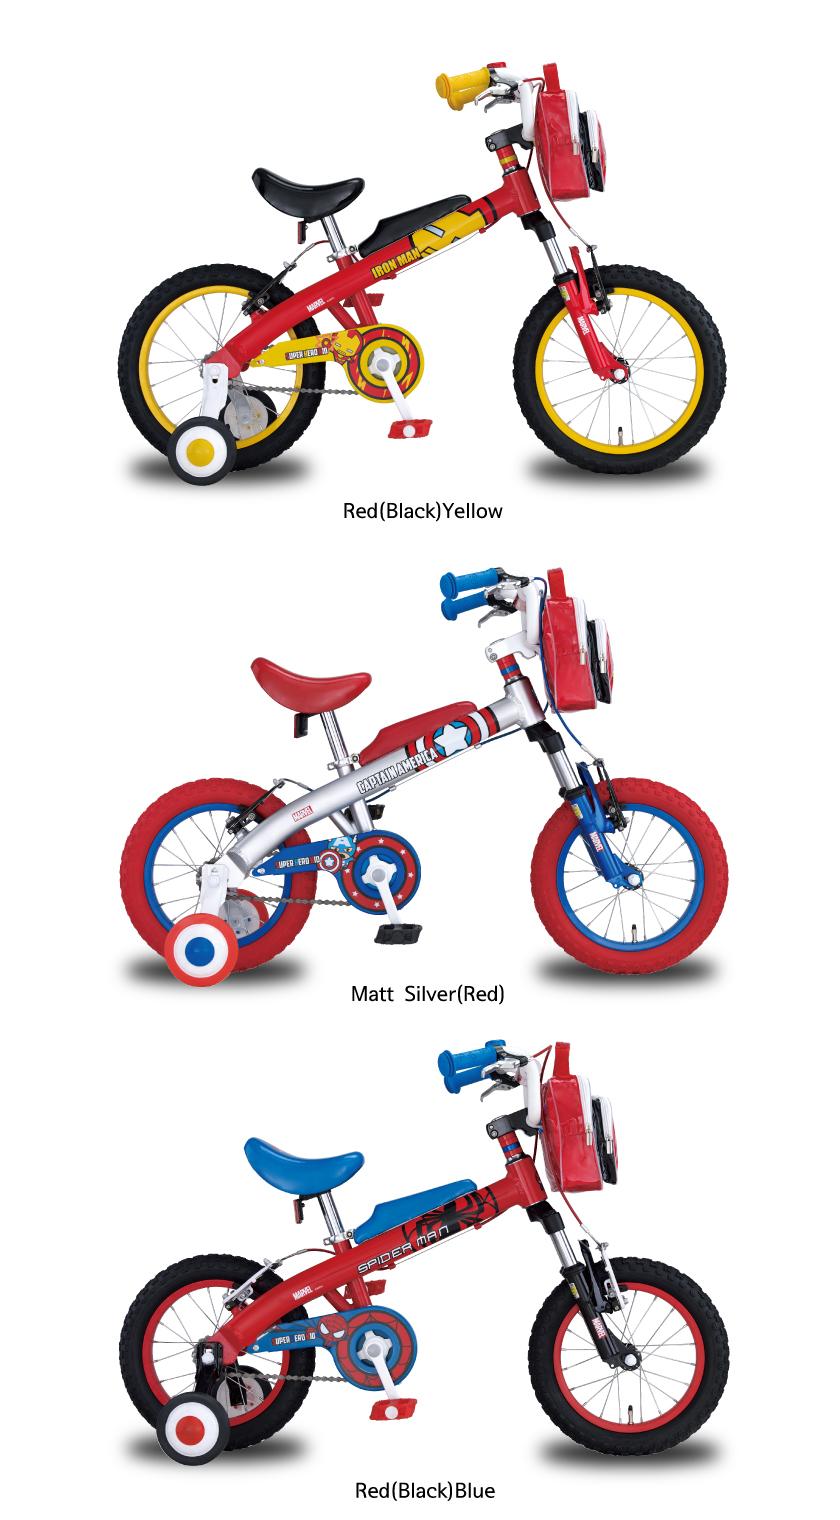 대구 경북 자전거매장 해피라이딩 2015년 스마트자전거 마블 슈퍼 ...